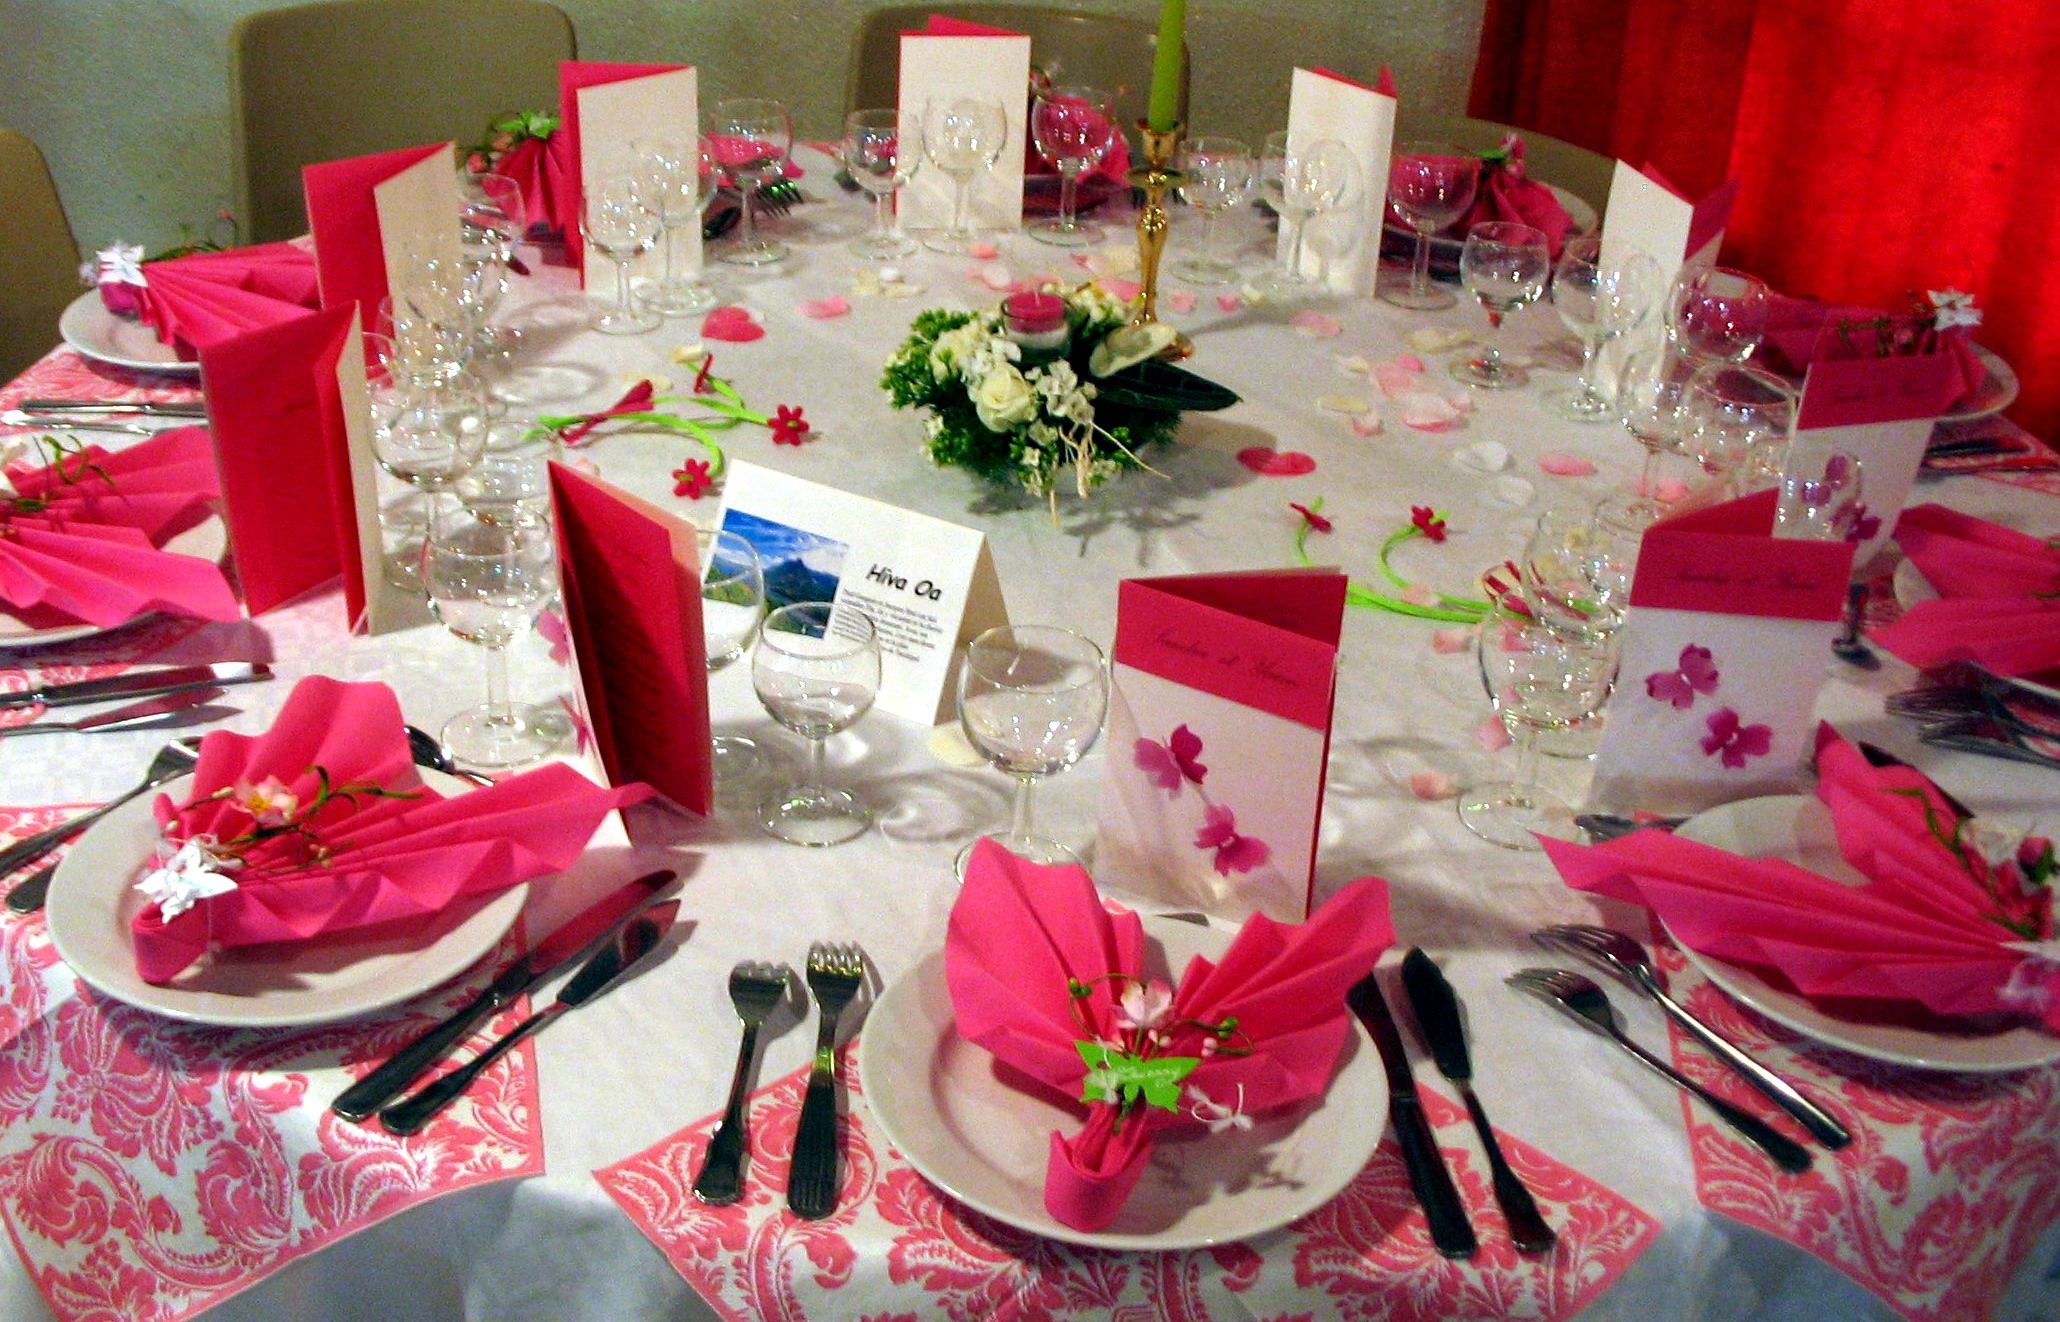 D Coration Table De Mariage Photo D Co De Table Mariage Rouge Et